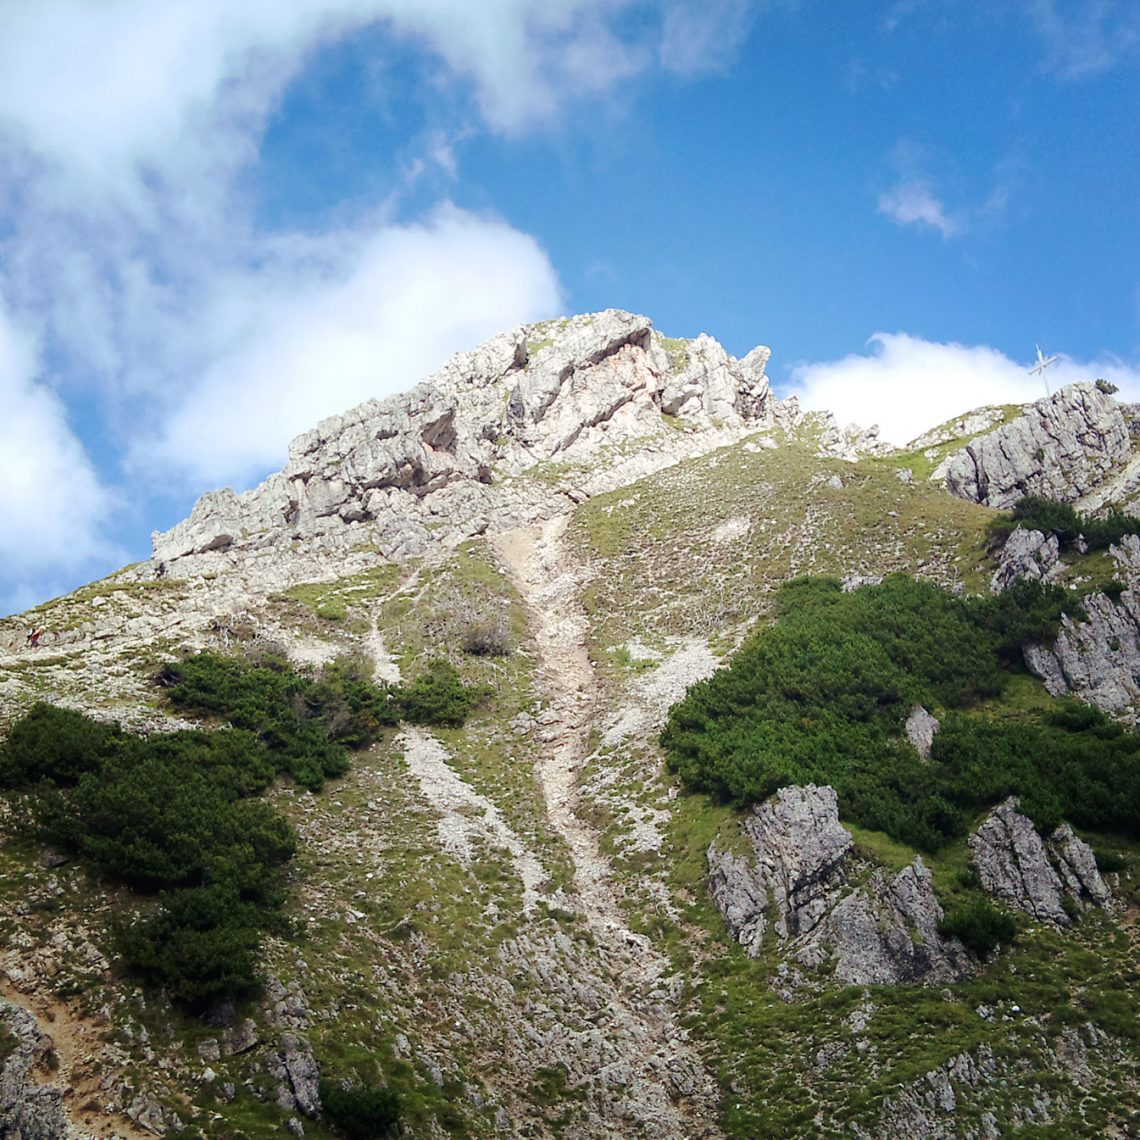 Ja, da isser. Der Gipfel. Und gar nicht mehr weit. Wenn da nur nicht die zwei Klettersteige wären... und diese Höhe...